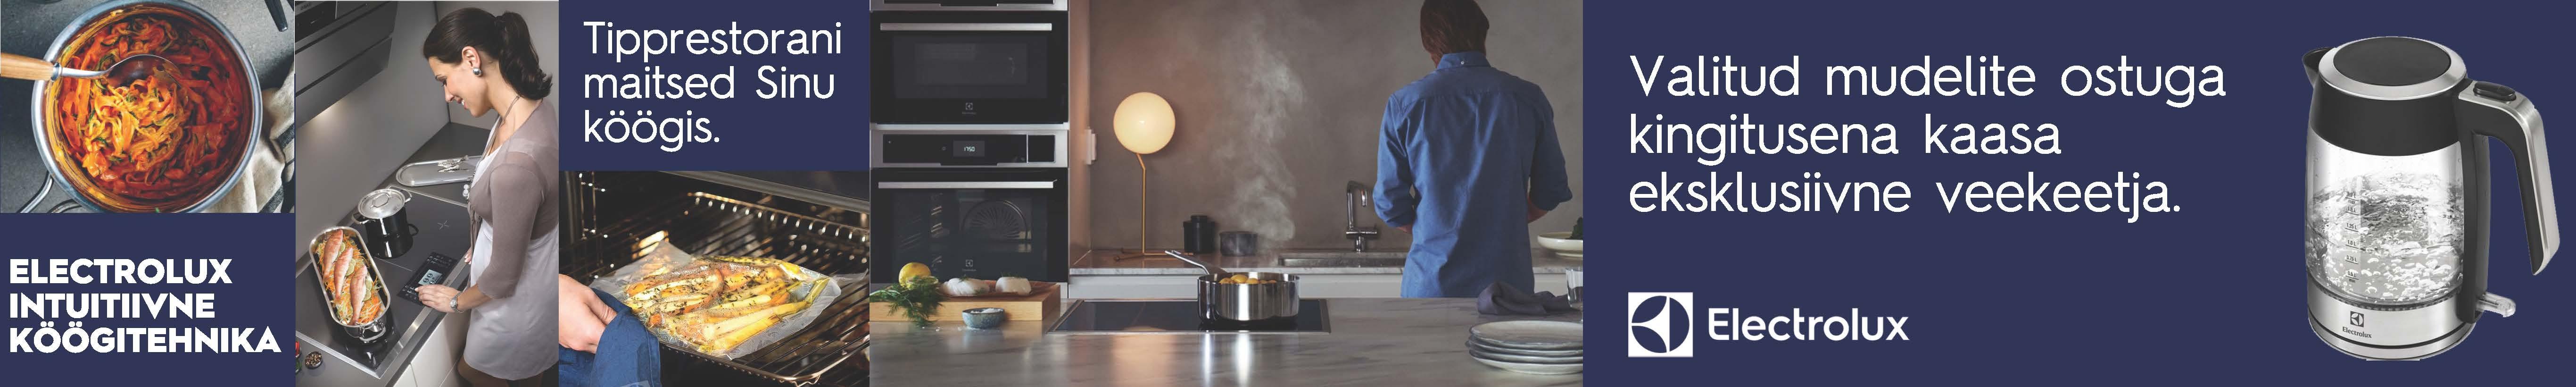 Electrolux intuit sarja köögitehnika ostjat ootab kingitus!